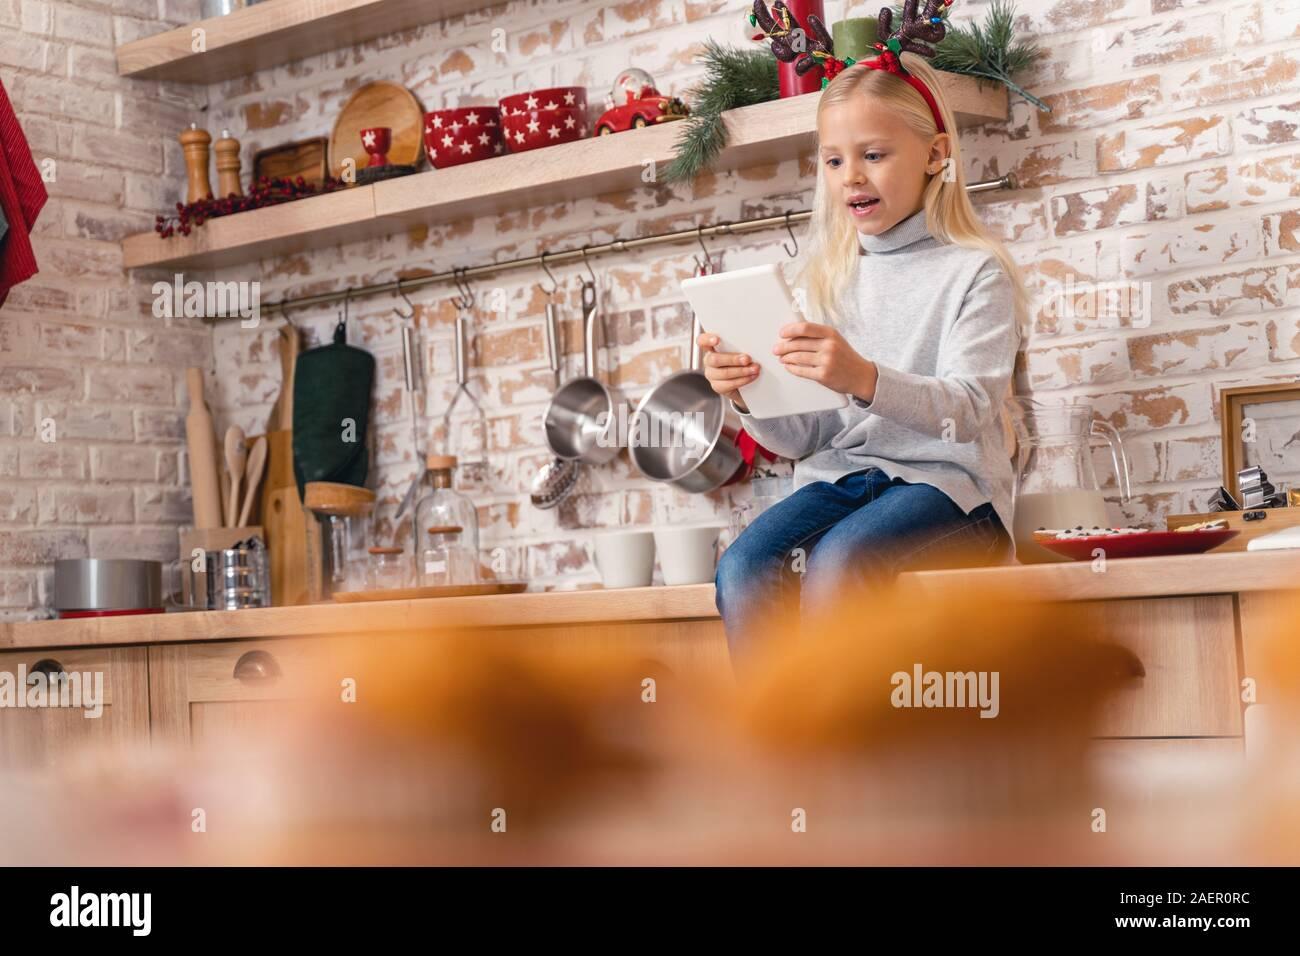 Piccola ragazza caucasica giocando online giochi al chiuso Foto Stock